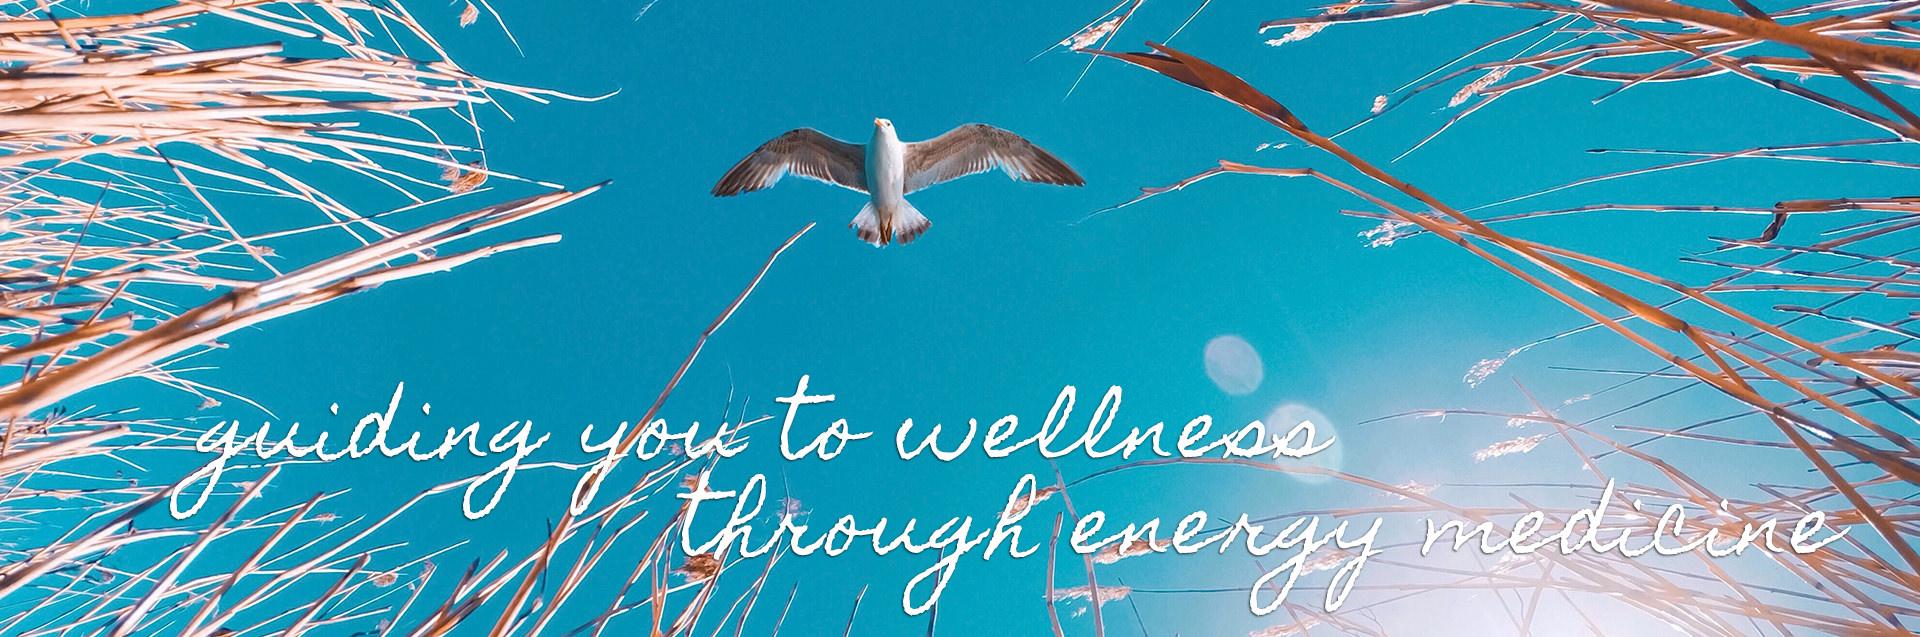 guiding you to wellness through energy medicine